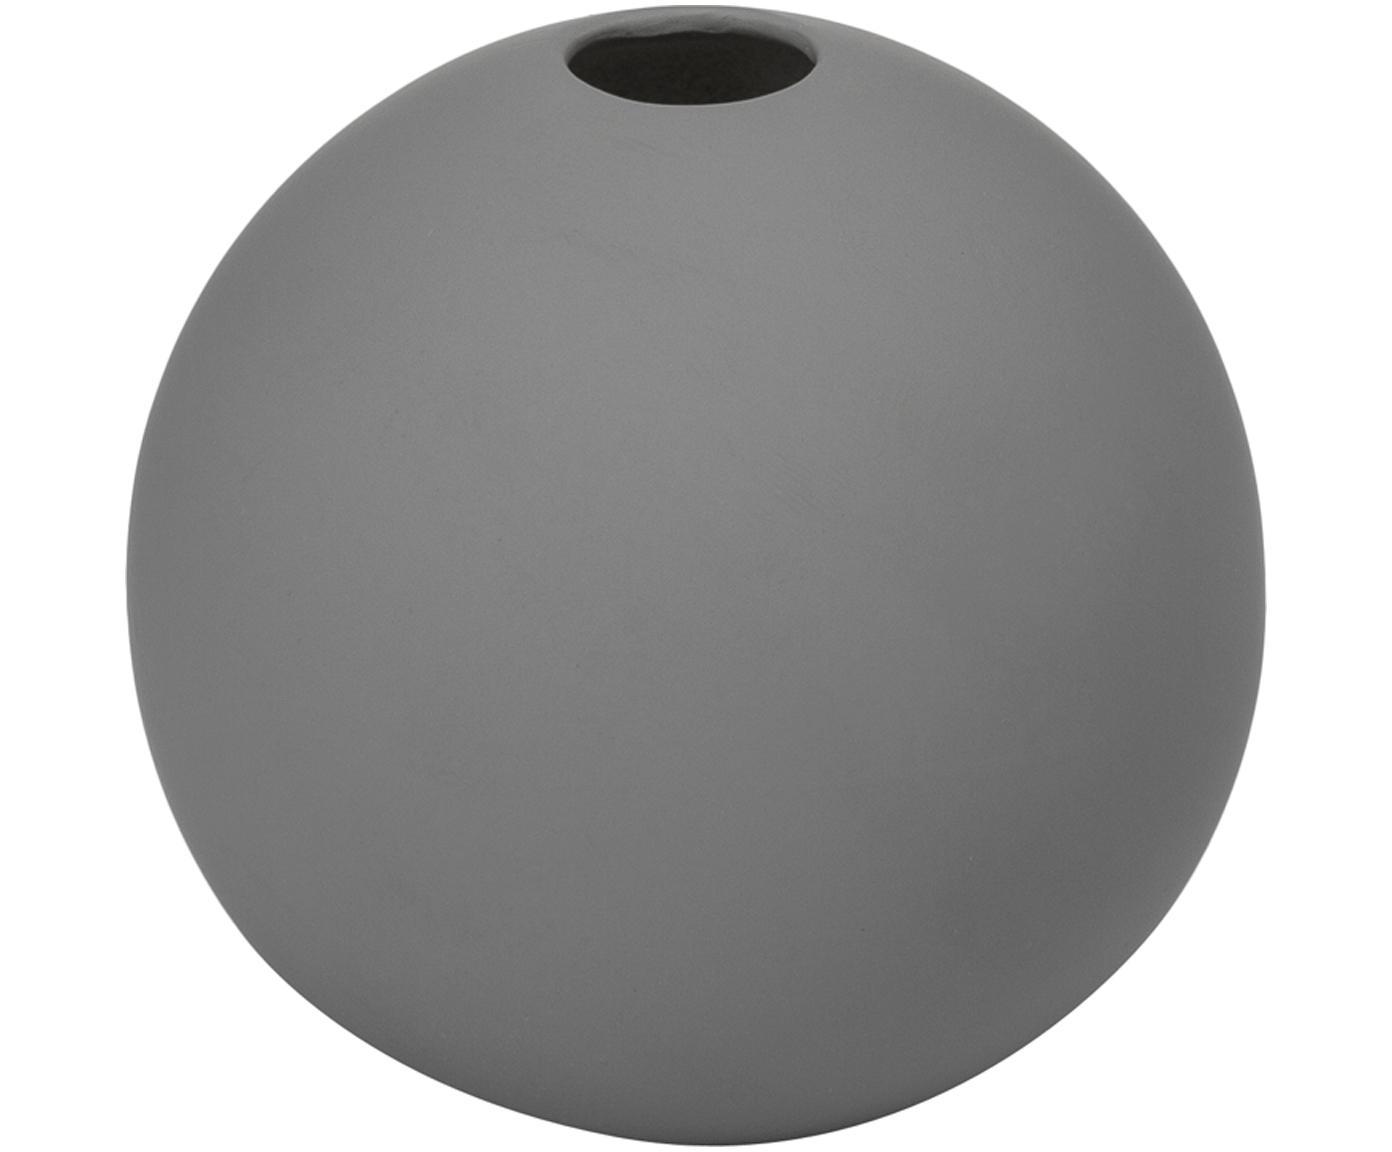 Handgemaakte bolvormige vaas Ball, Keramiek, Grijs, Ø 8 x H 8 cm